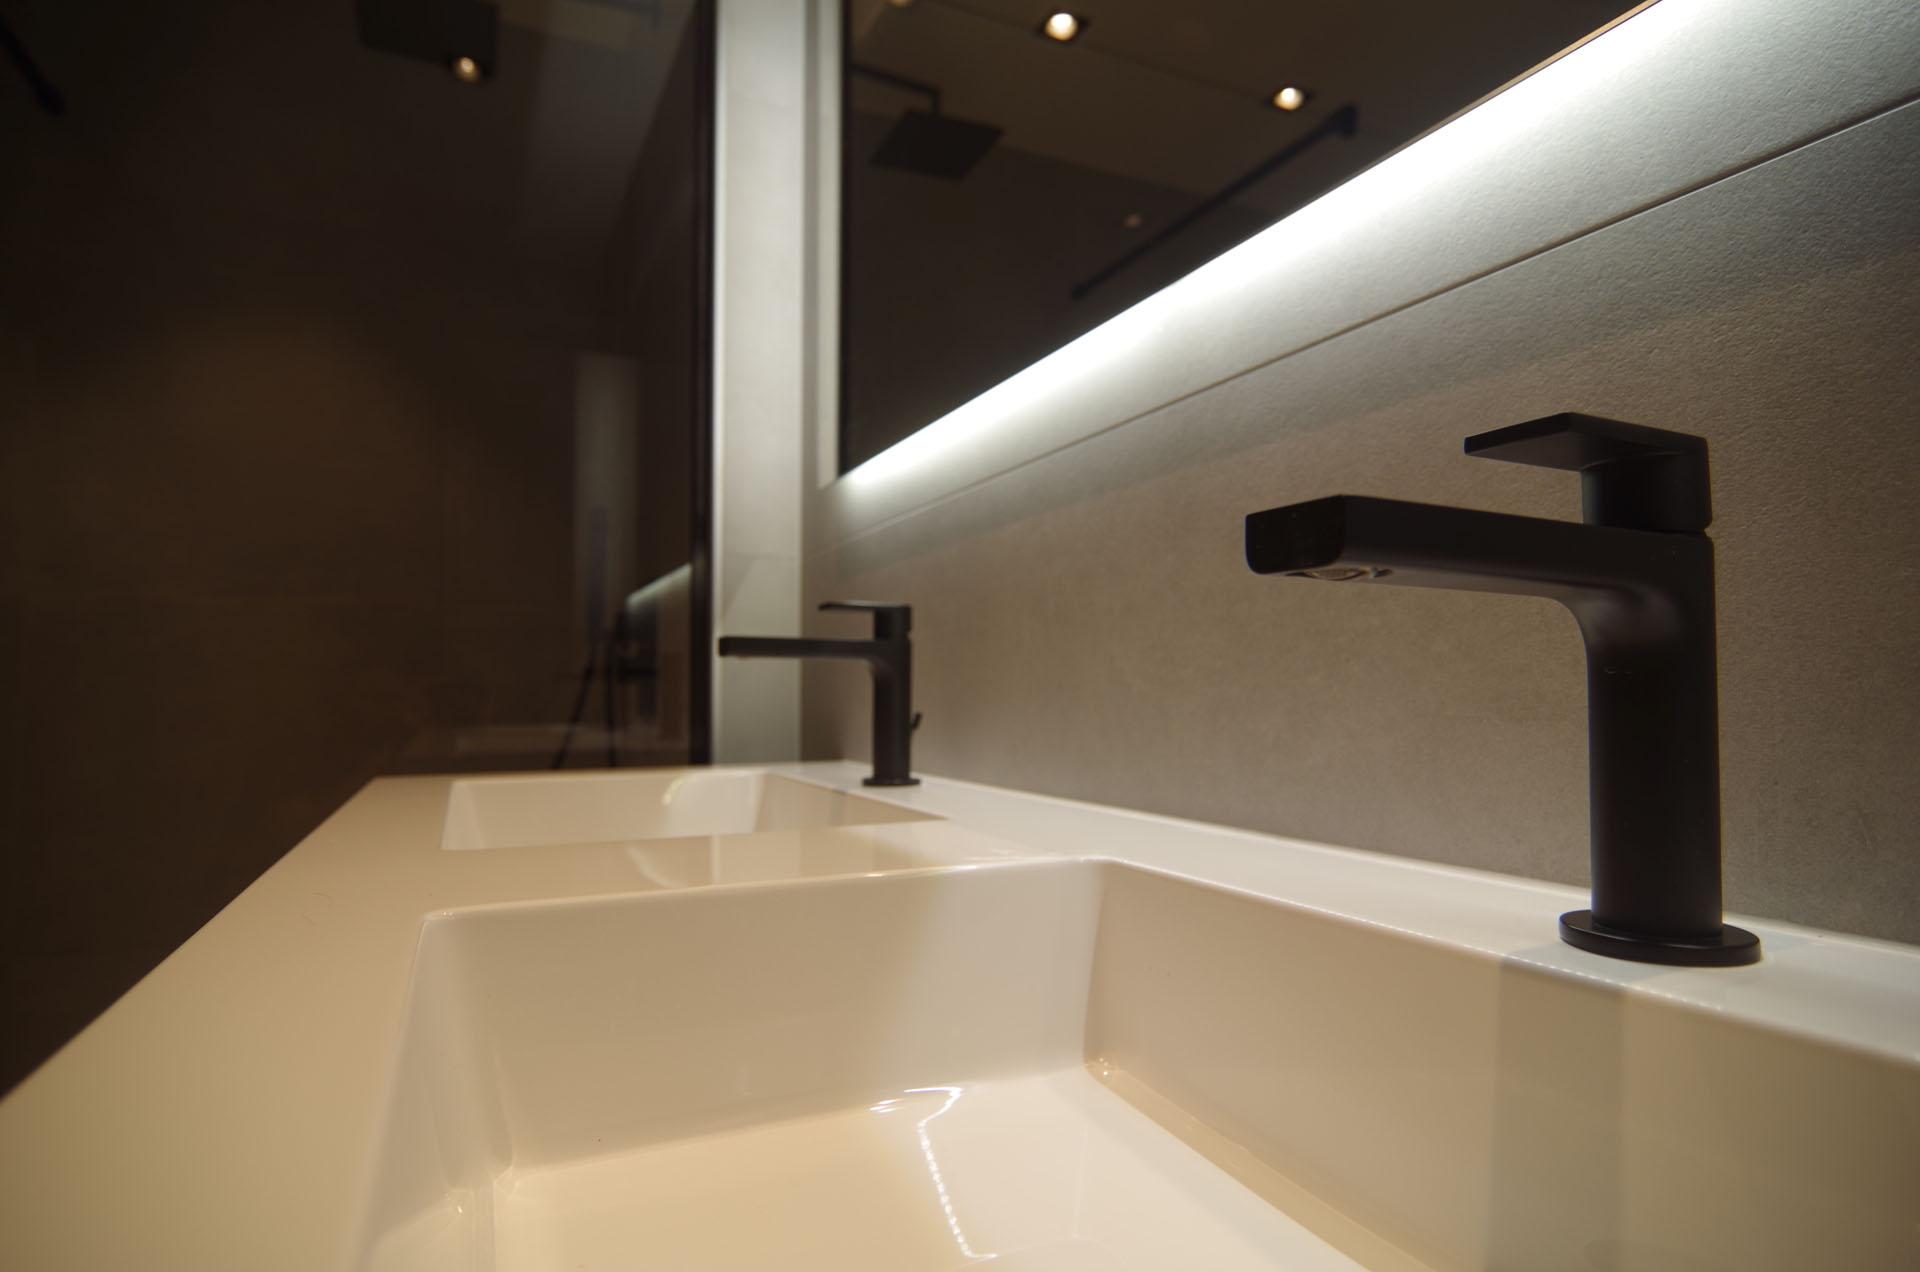 B&W Badkamers   Badkamers en badkamerrenovatie in Heist-op-den-Berg   Zwart beslag kranen